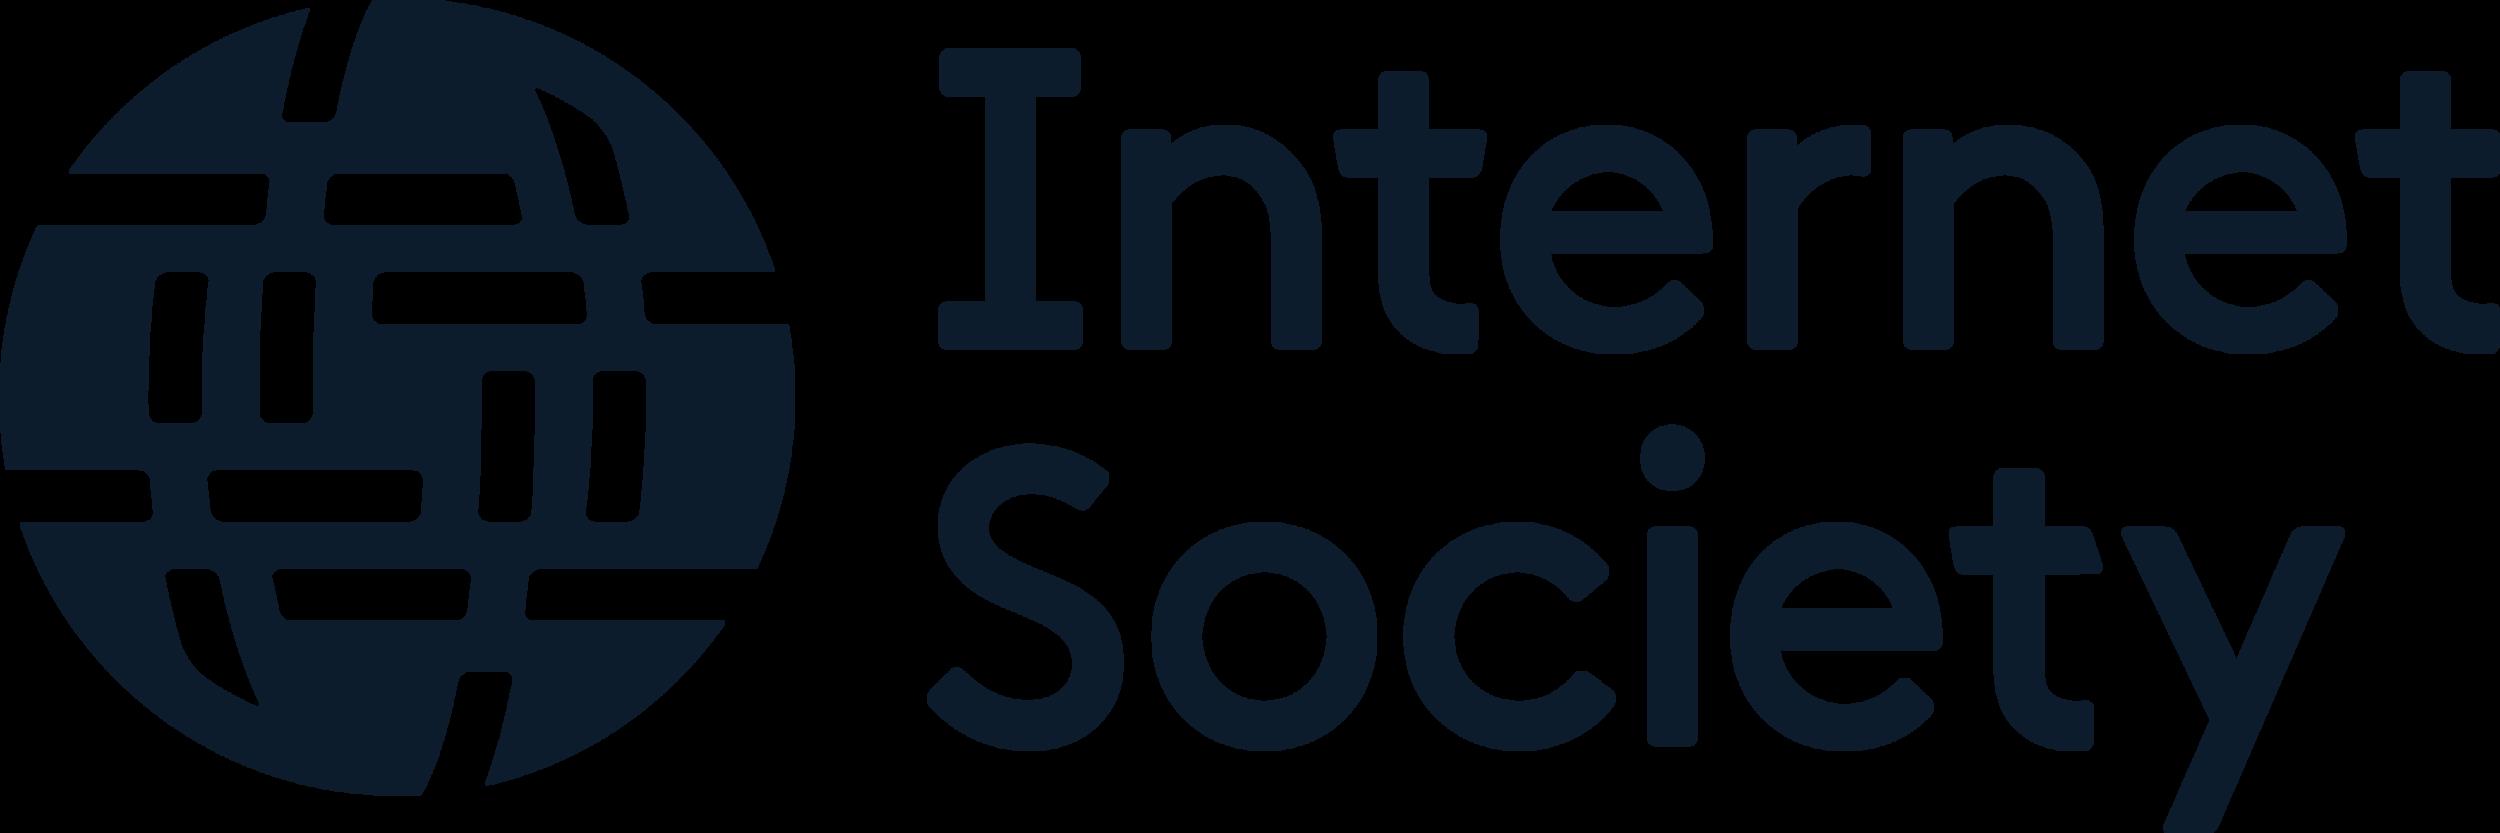 ISOC-Dark-RGB_Logo_2016-08-01_EN_FINAL_v01.png